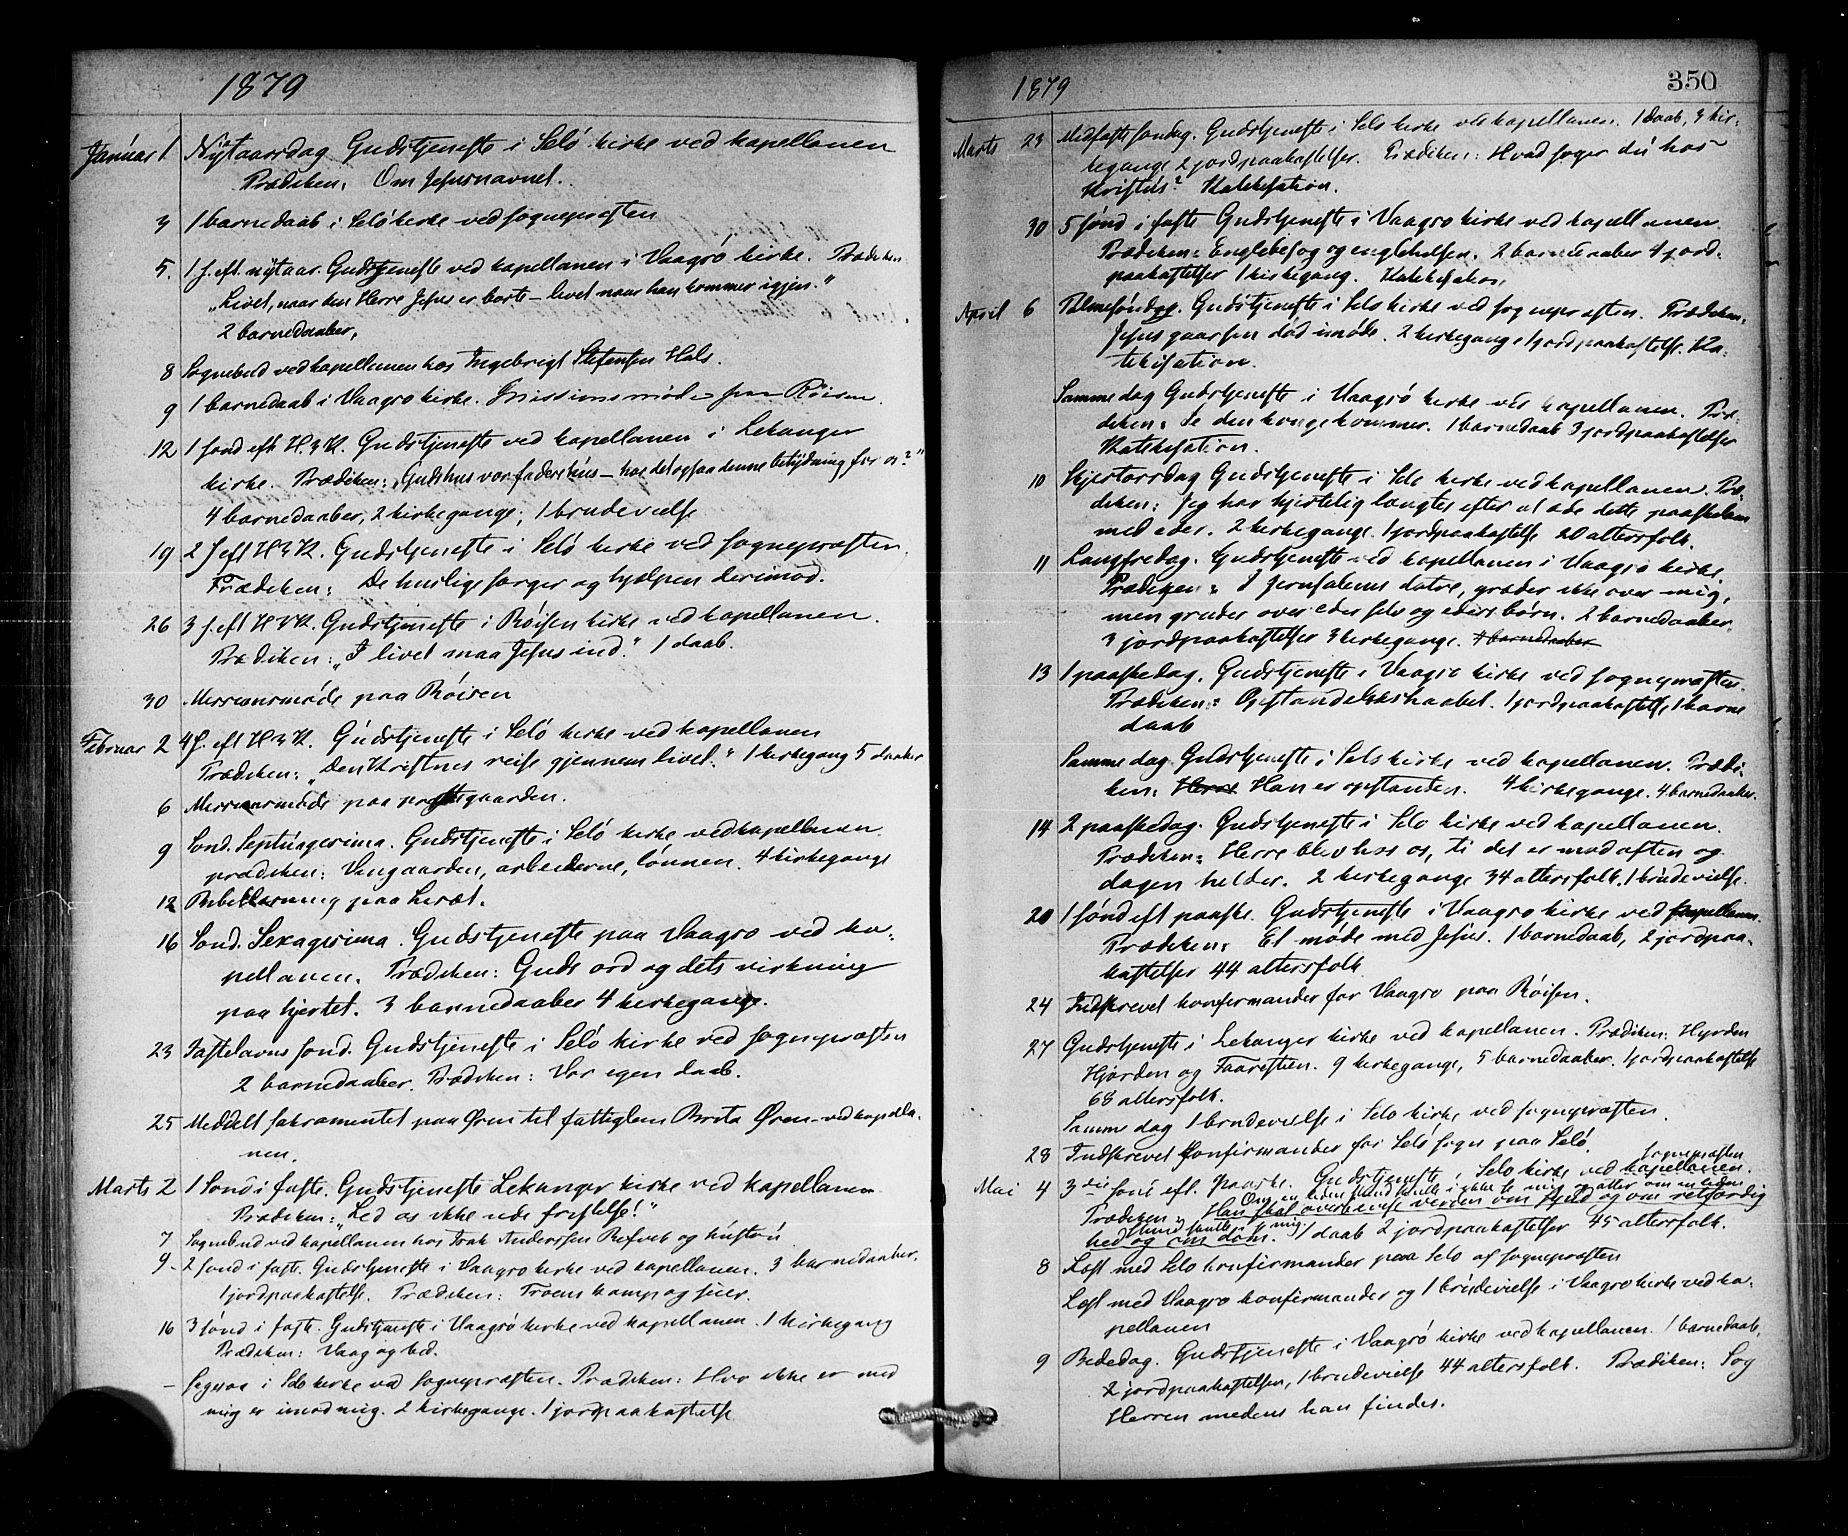 SAB, Selje sokneprestembete*, Ministerialbok nr. A 12, 1870-1880, s. 350